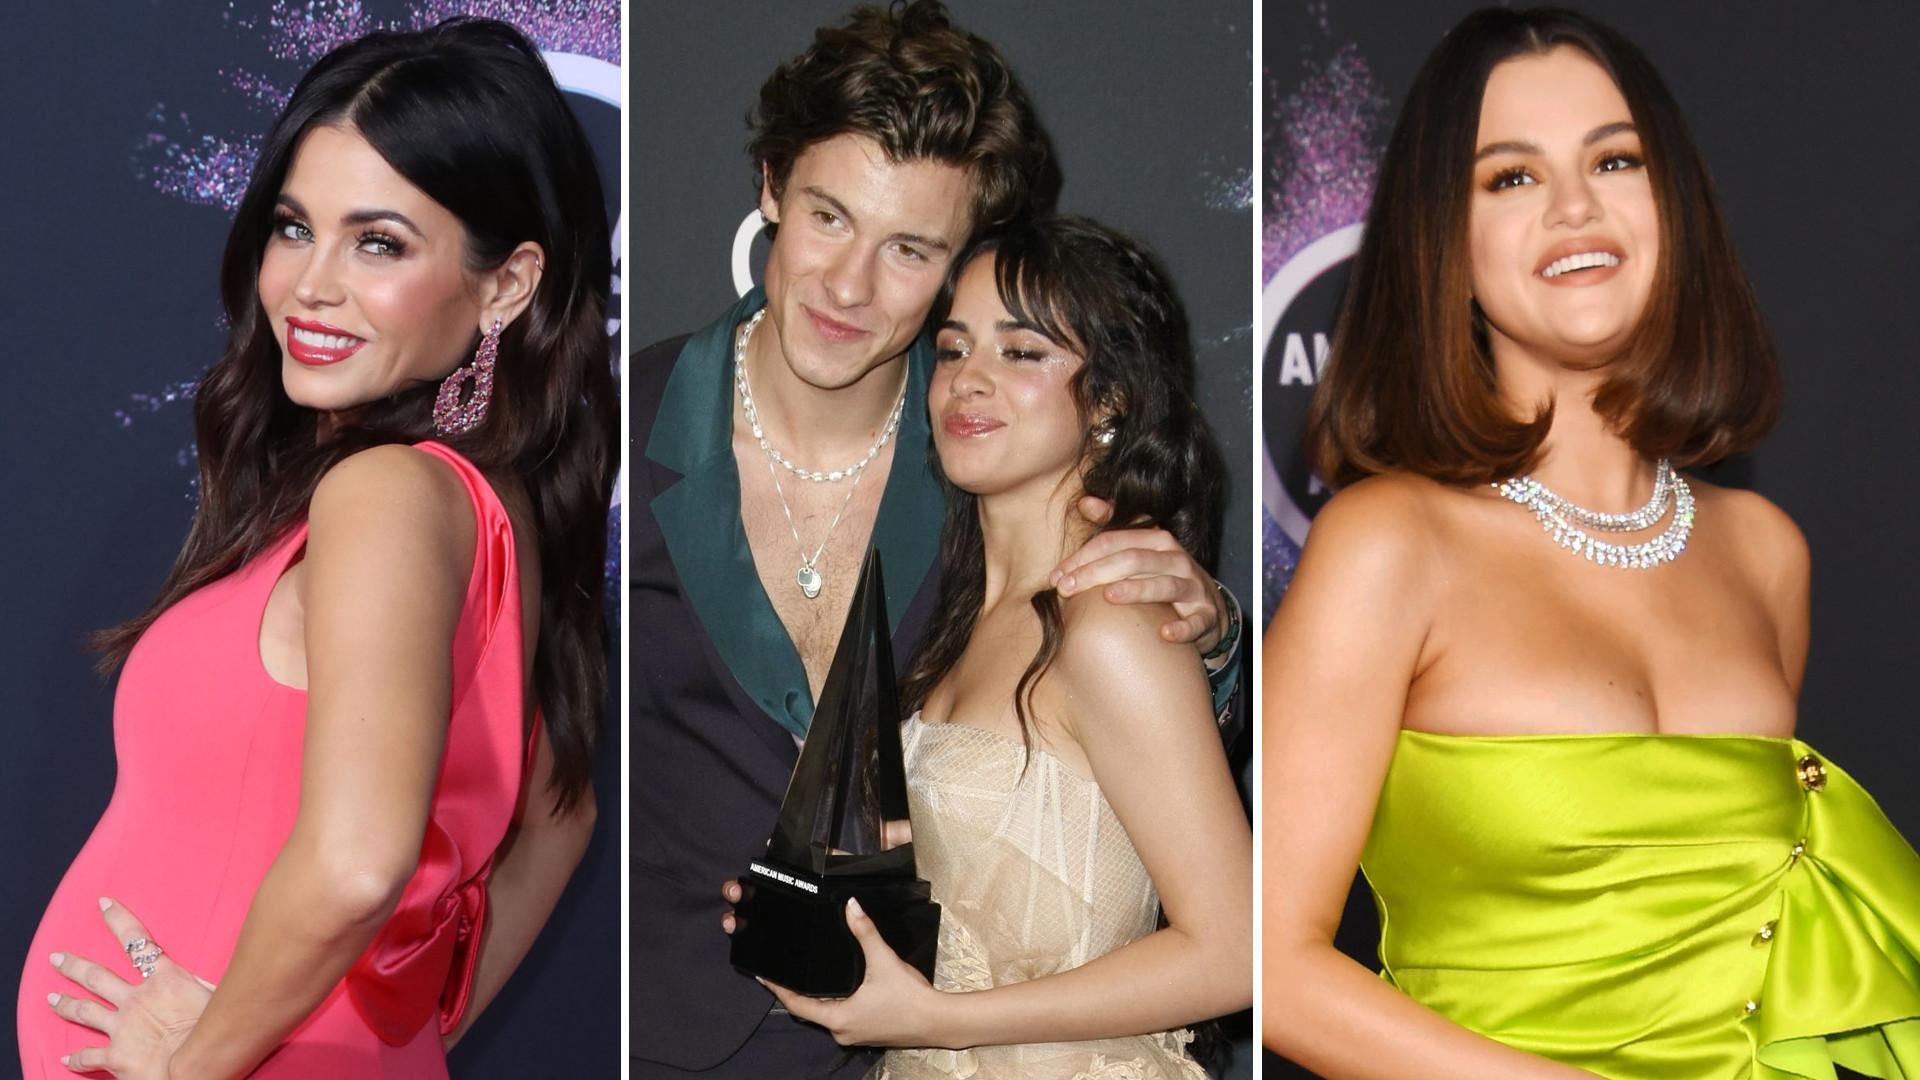 WOW! Dekolt Seleny Gomez, posągowa Taylor Swift i kobieca Camila Cabello na American Music Awards (ZDJĘCIA)